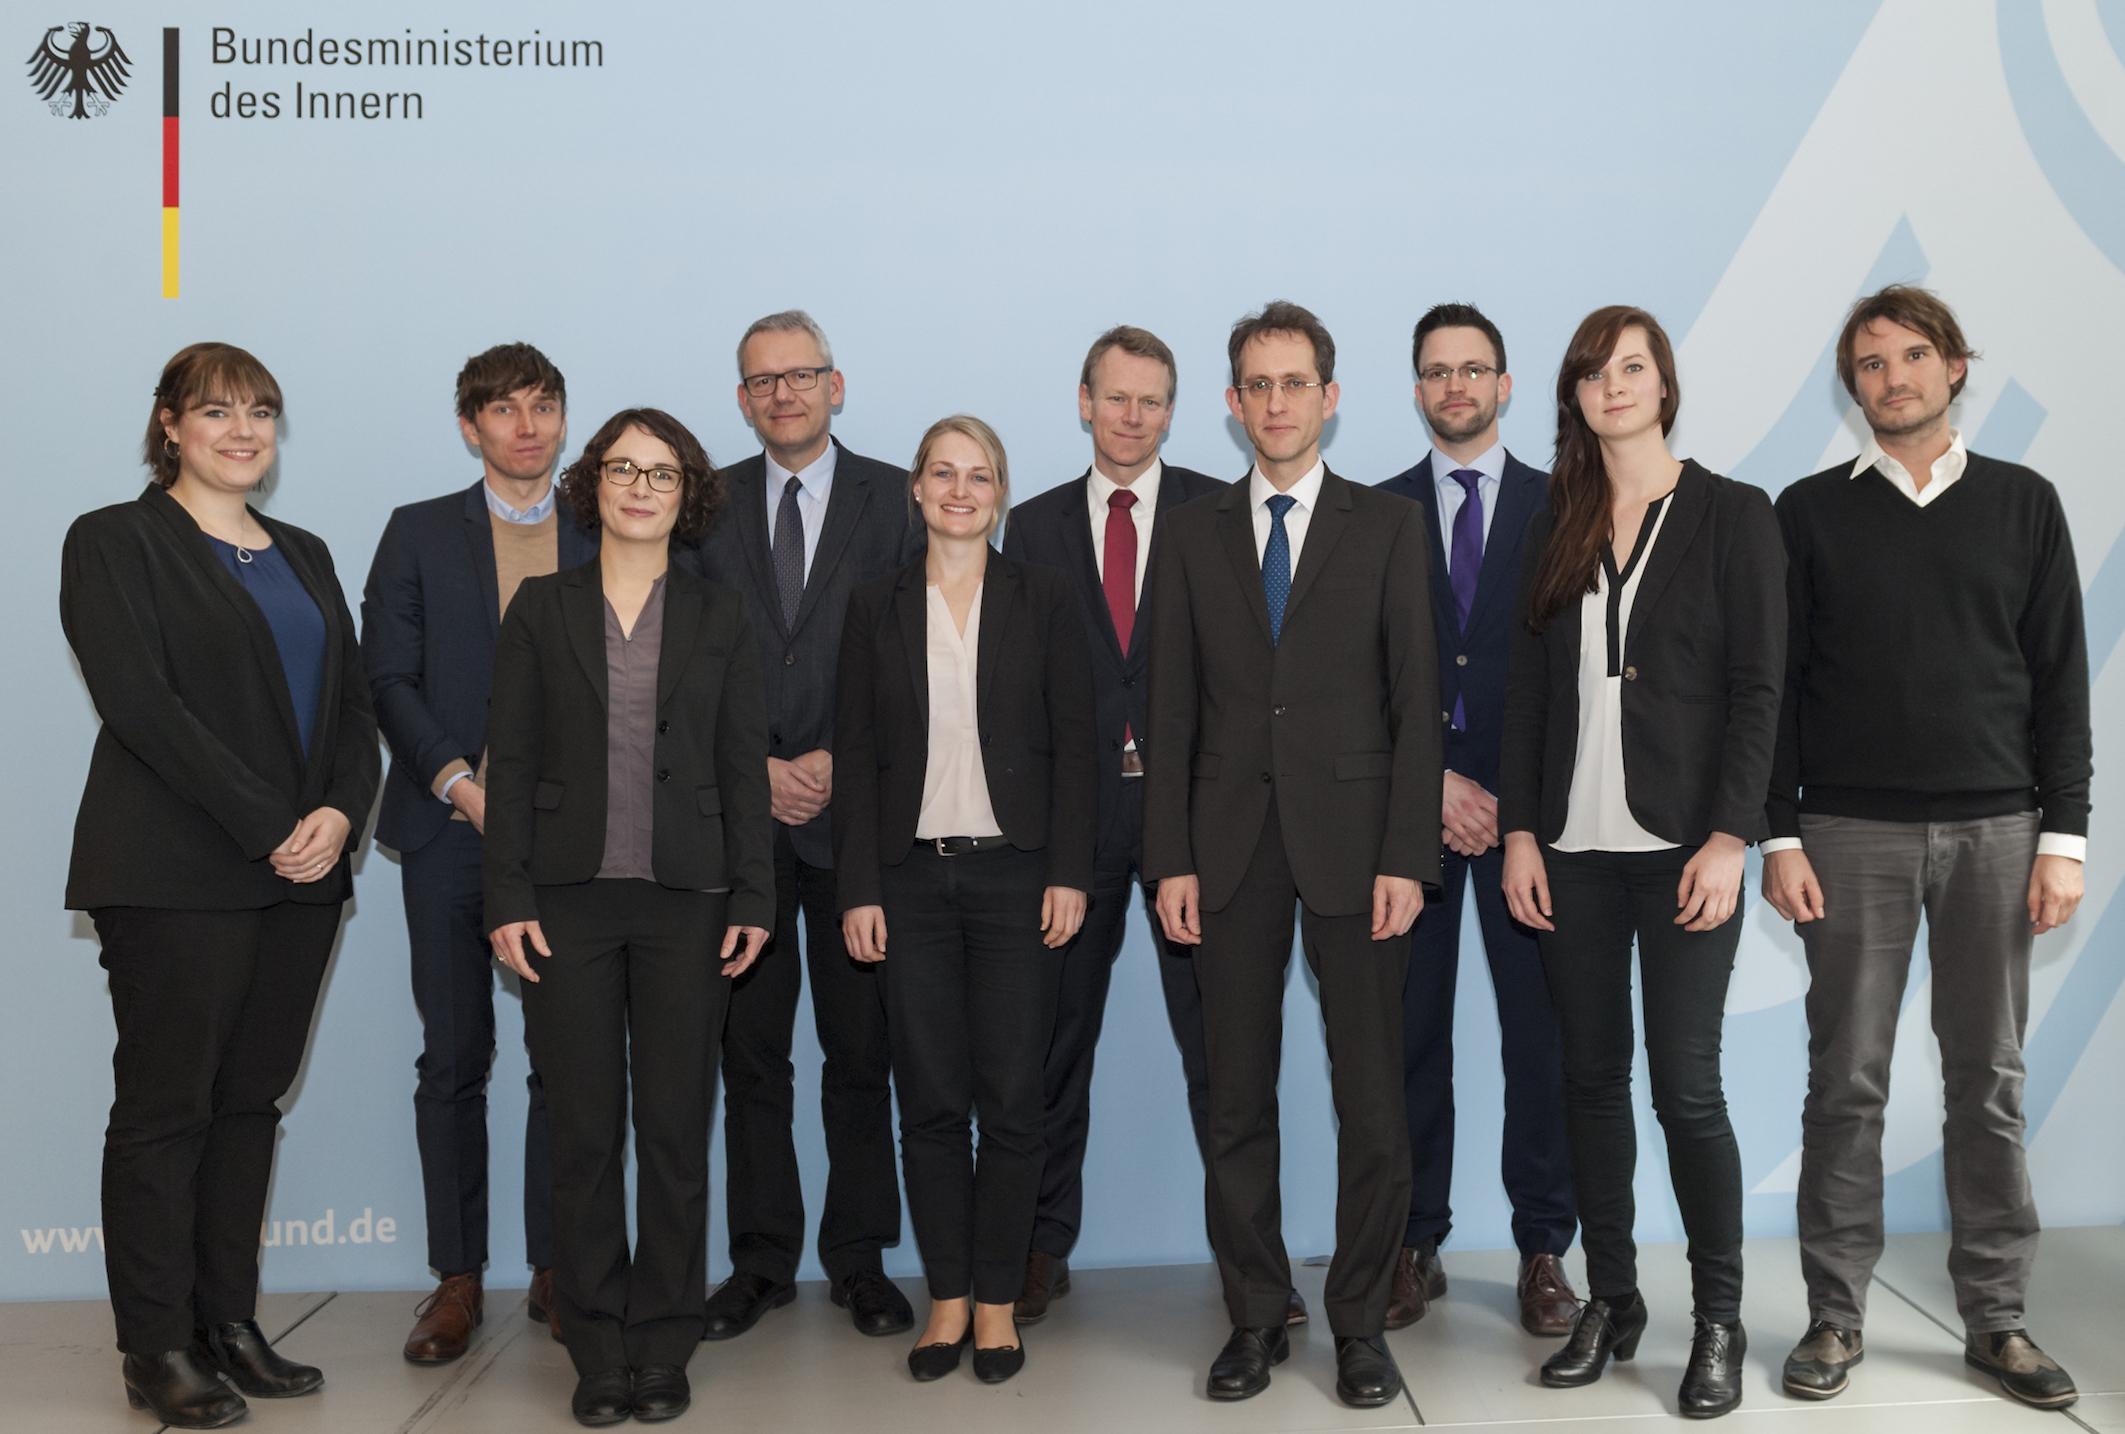 Photo der Forschungsgruppe v.l.n.r.: Irina Stange, Lutz Maeke, Franziska Kuschel, Andreas Wirsching, Maren Richter, Frank Bösch, Frieder Günther, Jan Philipp Wölbern, Stefanie Palm, Dominik Rigoll